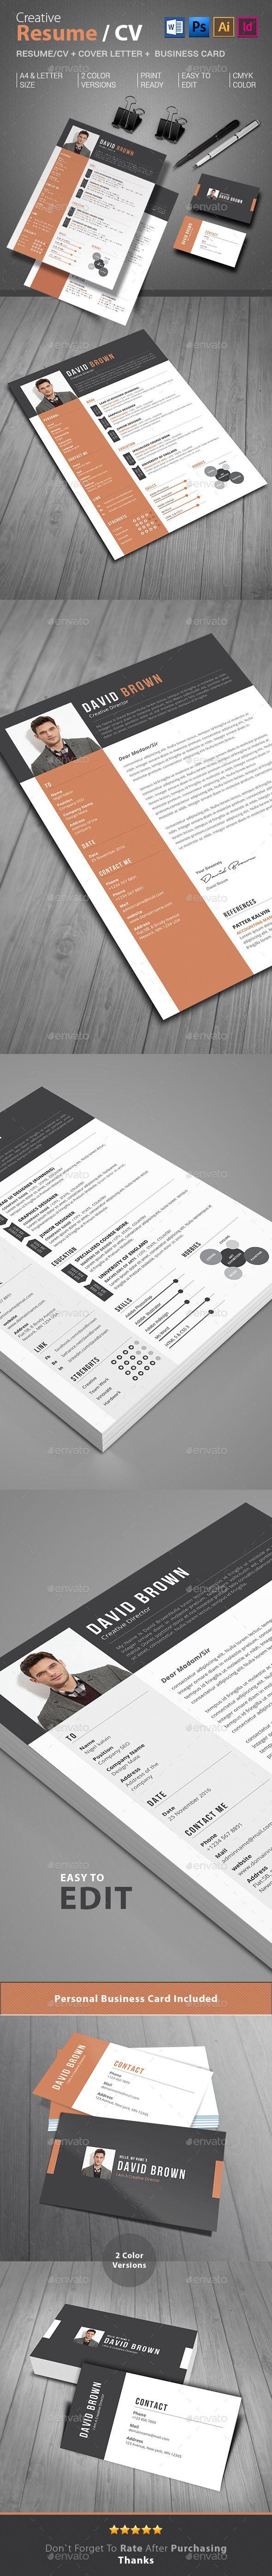 Resume | Pinterest | Plantilla cv y Plantas